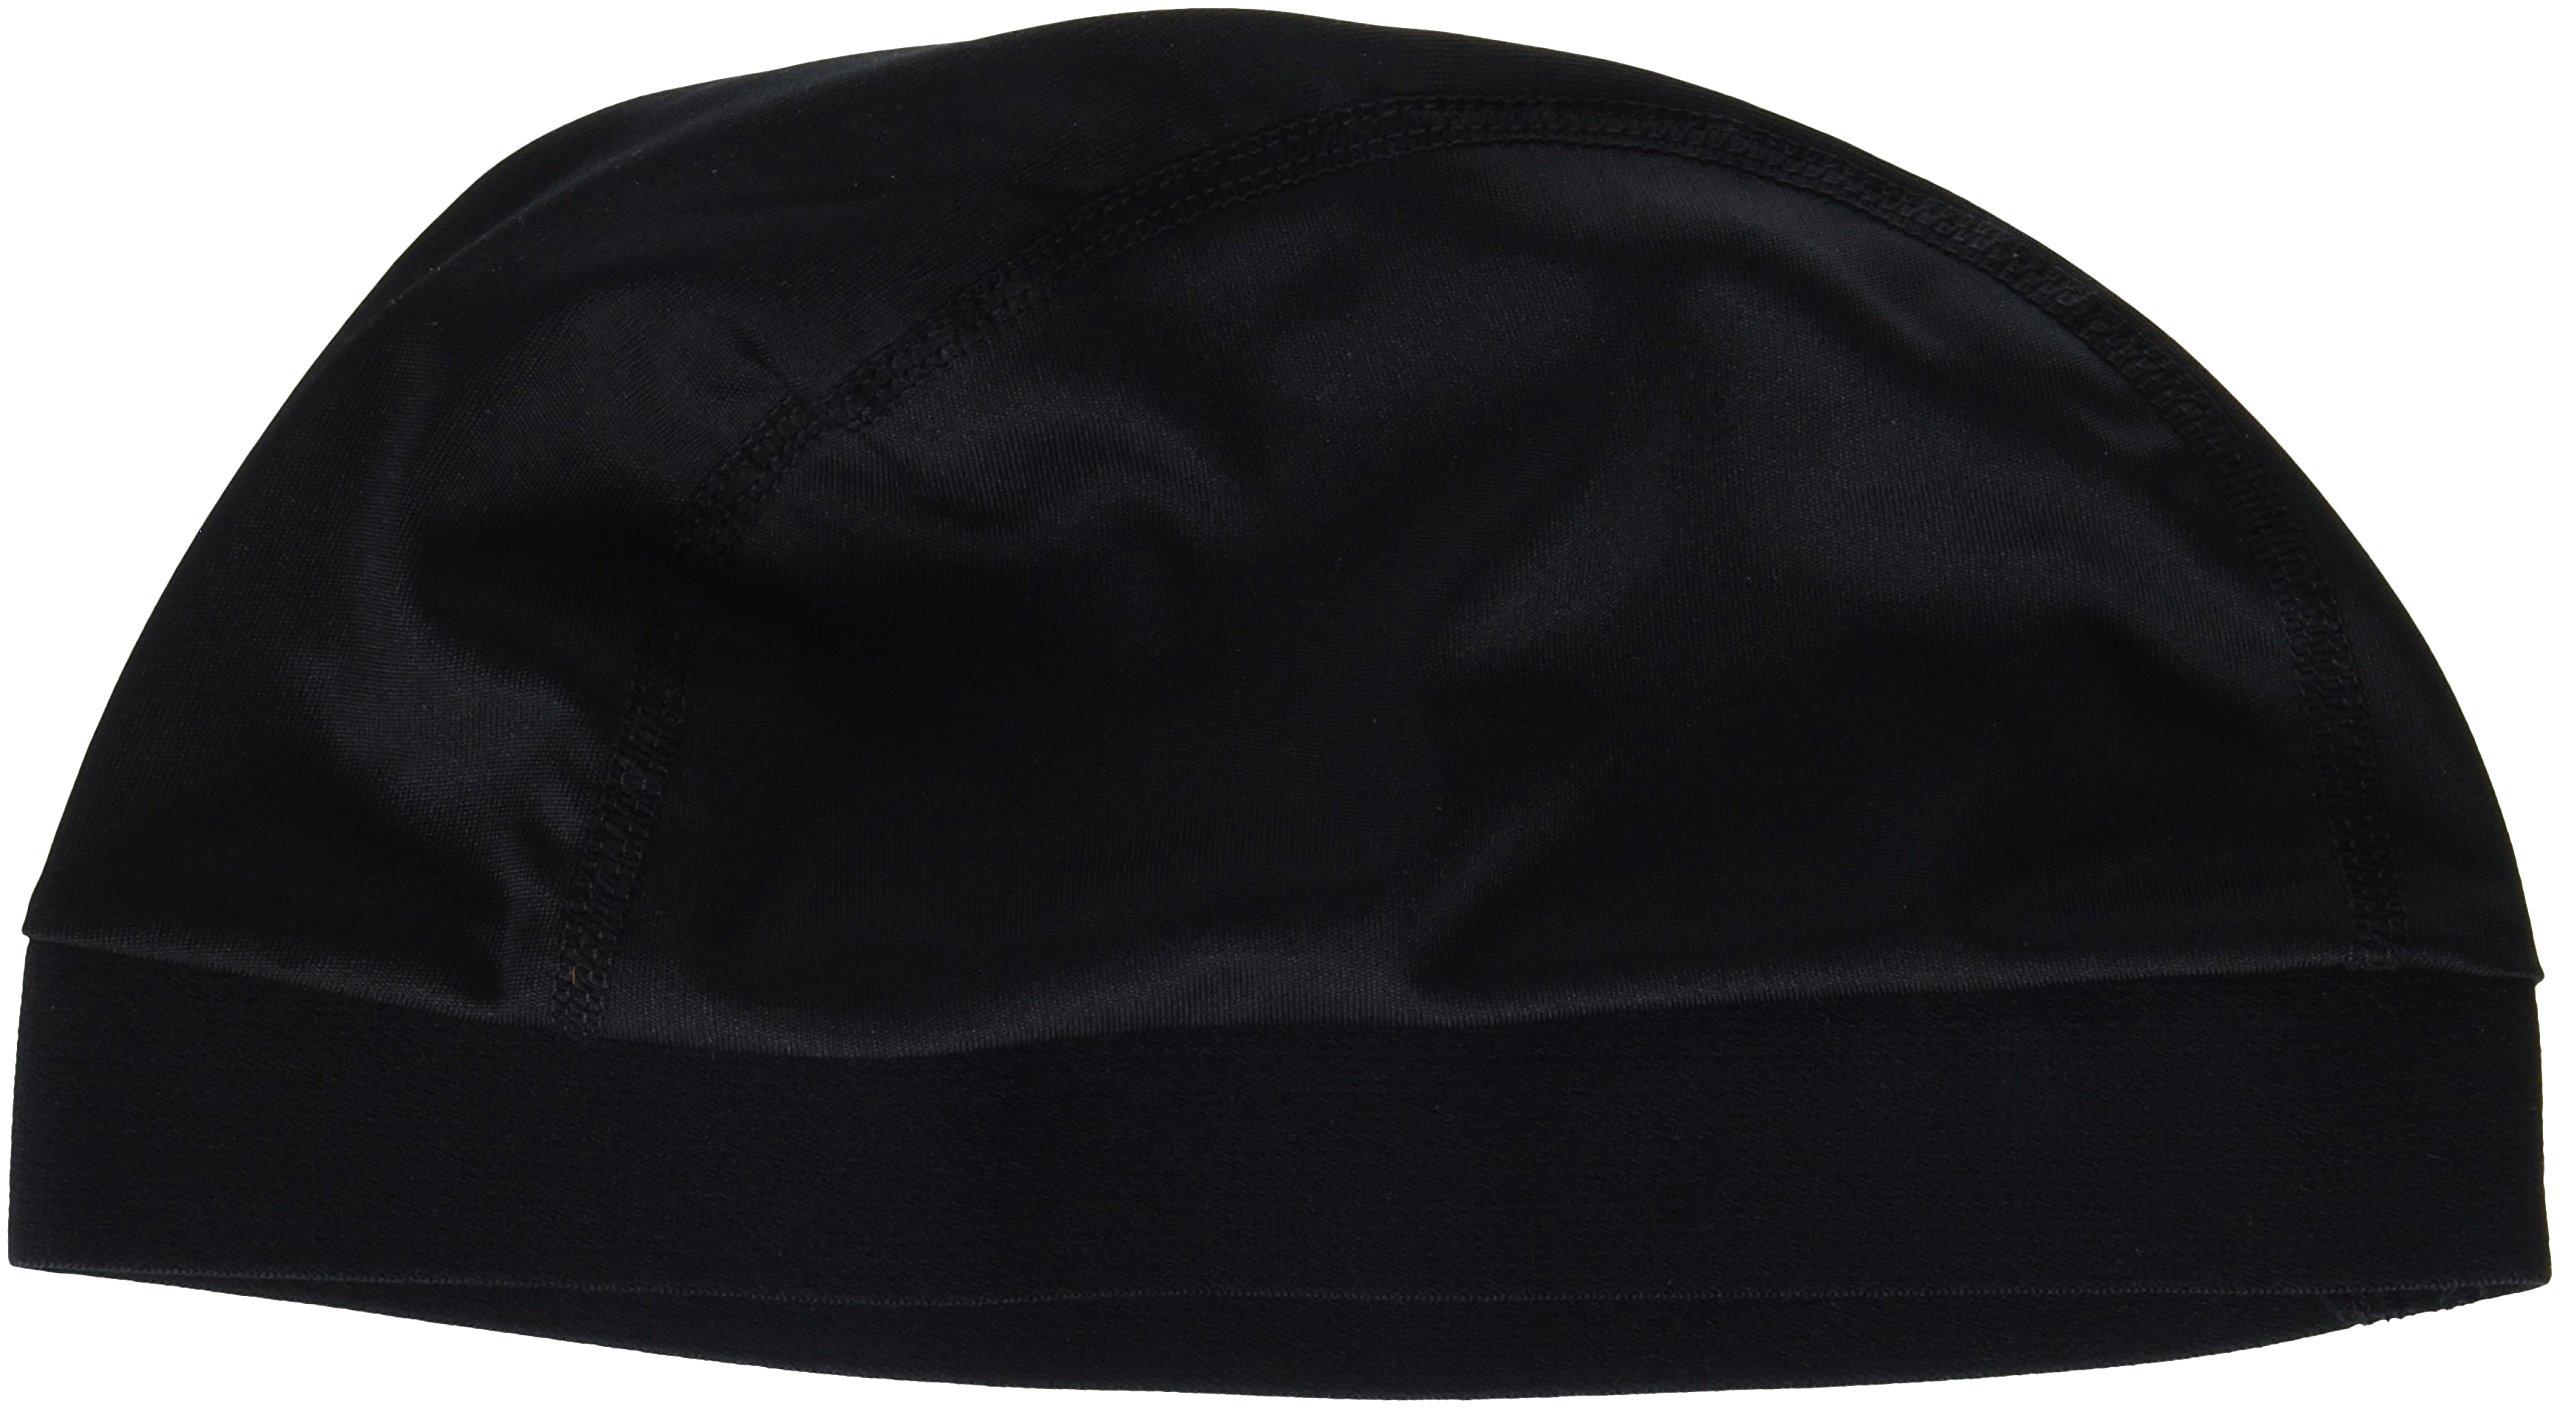 ZANheadgear WSC114 Skull Cap Helmet Liner